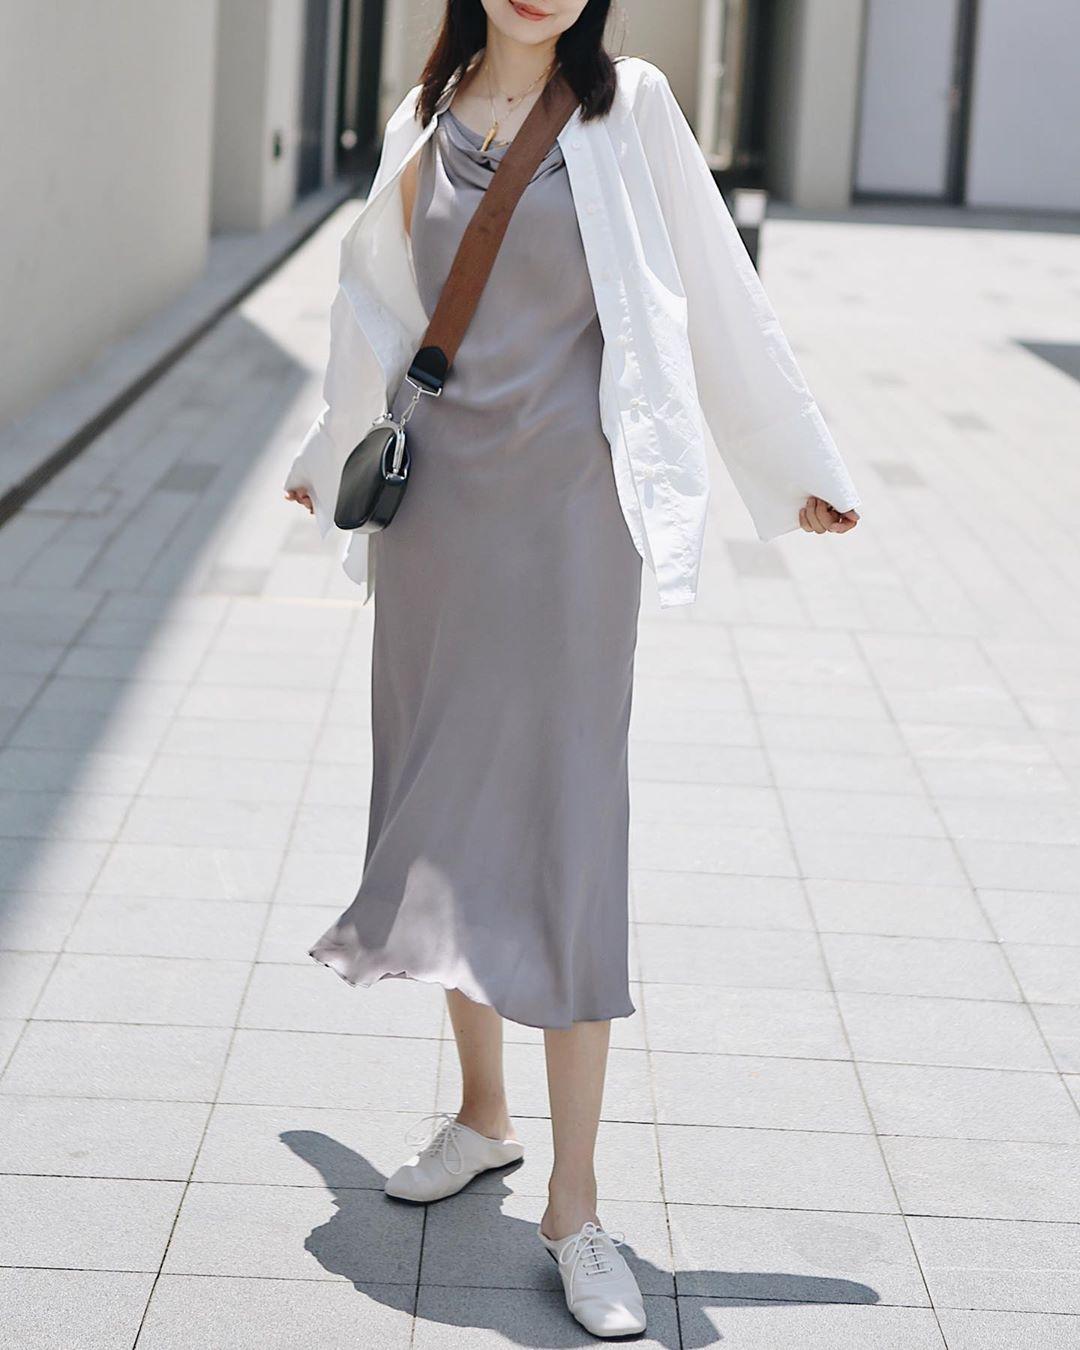 """4 mẫu váy đơn giản nhưng thừa độ sang chảnh, tinh tế giúp style của chị em """"sang trang"""" mới huy hoàng - Ảnh 7"""